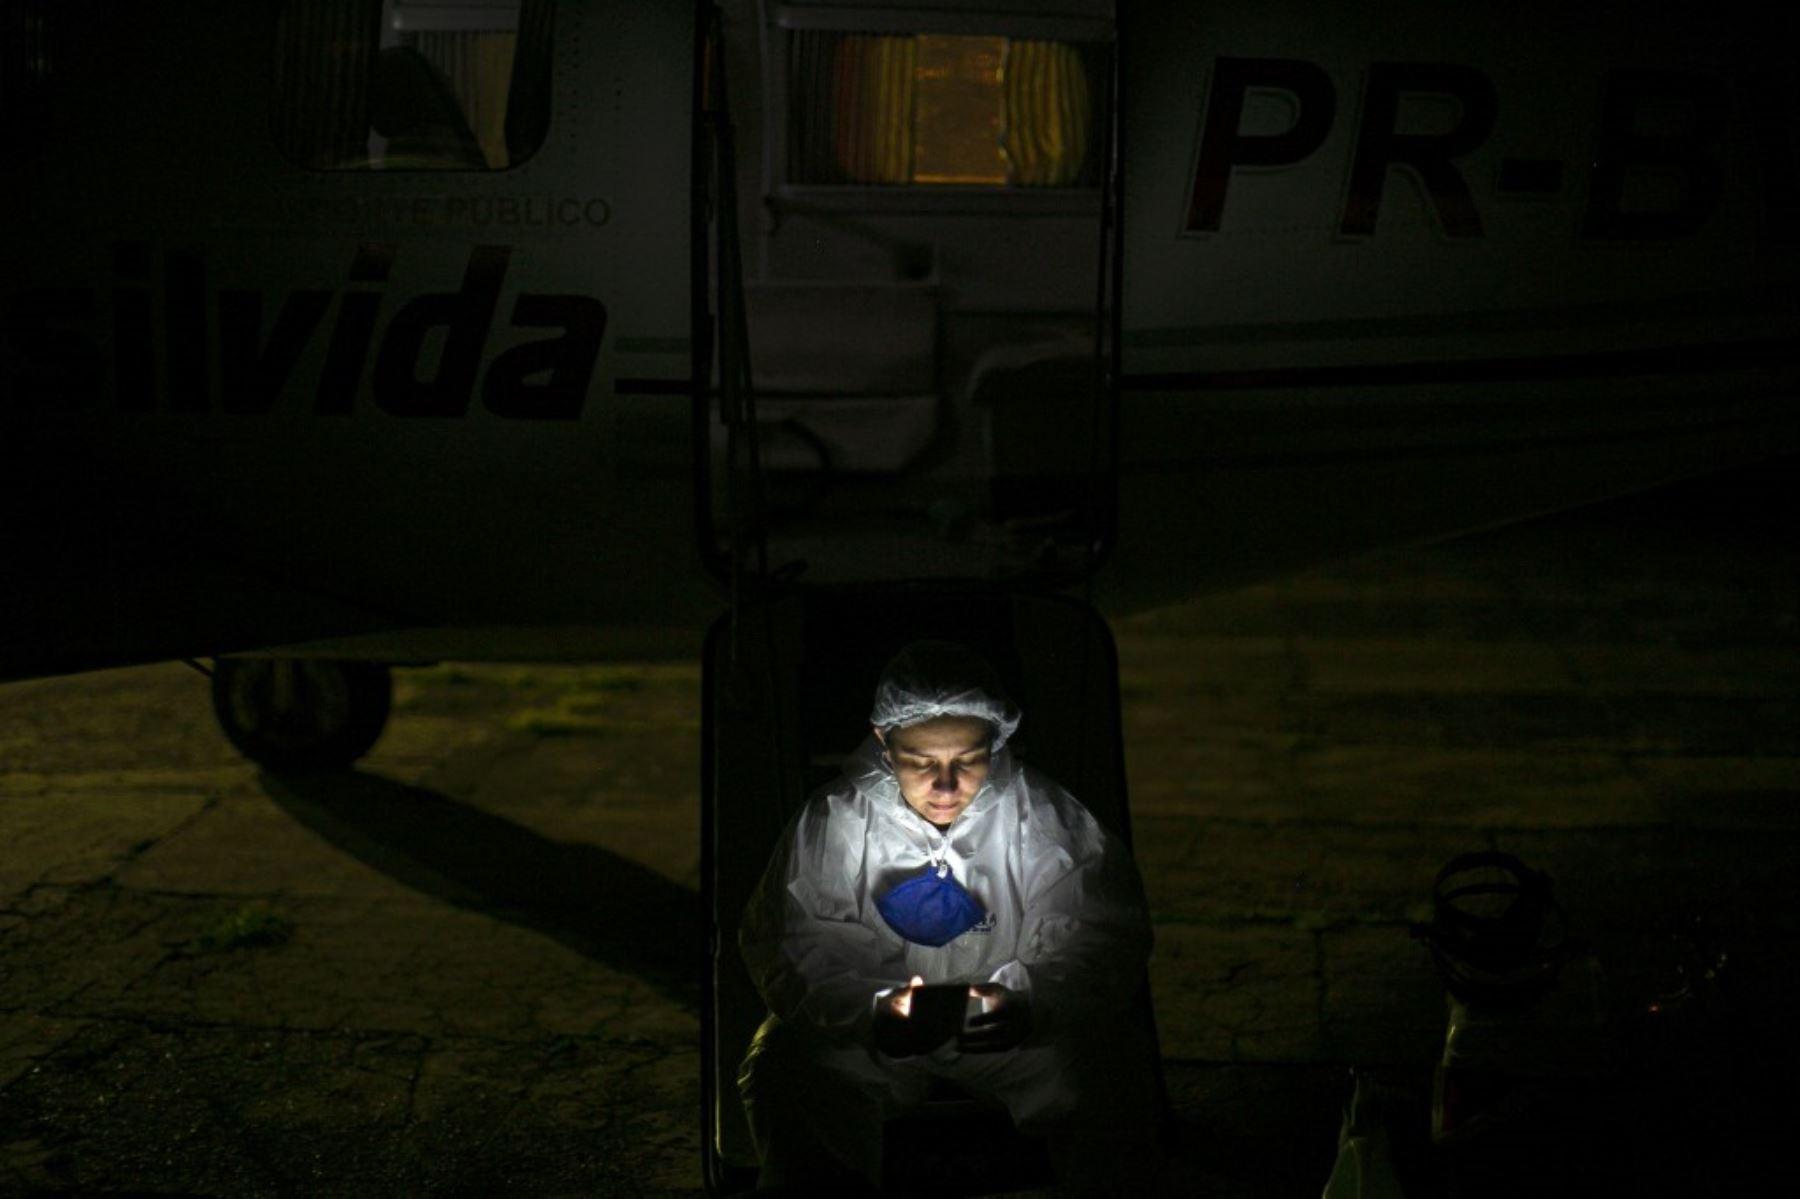 La enfermera Isabela revisa su teléfono móvil al pie de una ambulancia aérea de emergencia mientras espera que llegue un paciente con covid-19 de la Unidad de Atención de Emergencia en Santarem, estado de Pará, Brasil. Foto: AFP